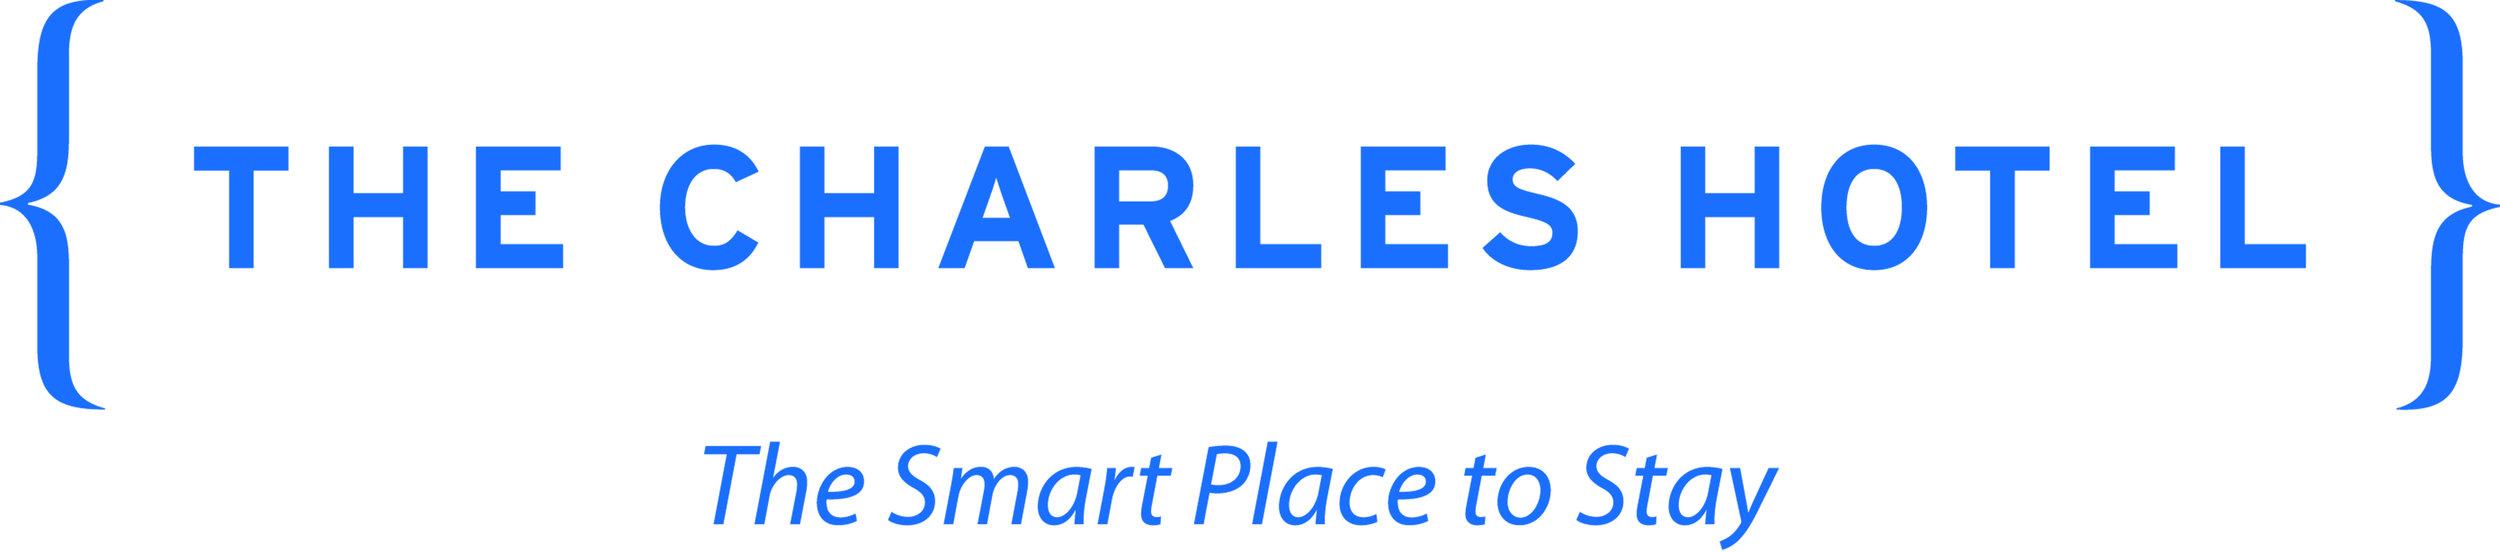 Charles Hotel logo.jpg